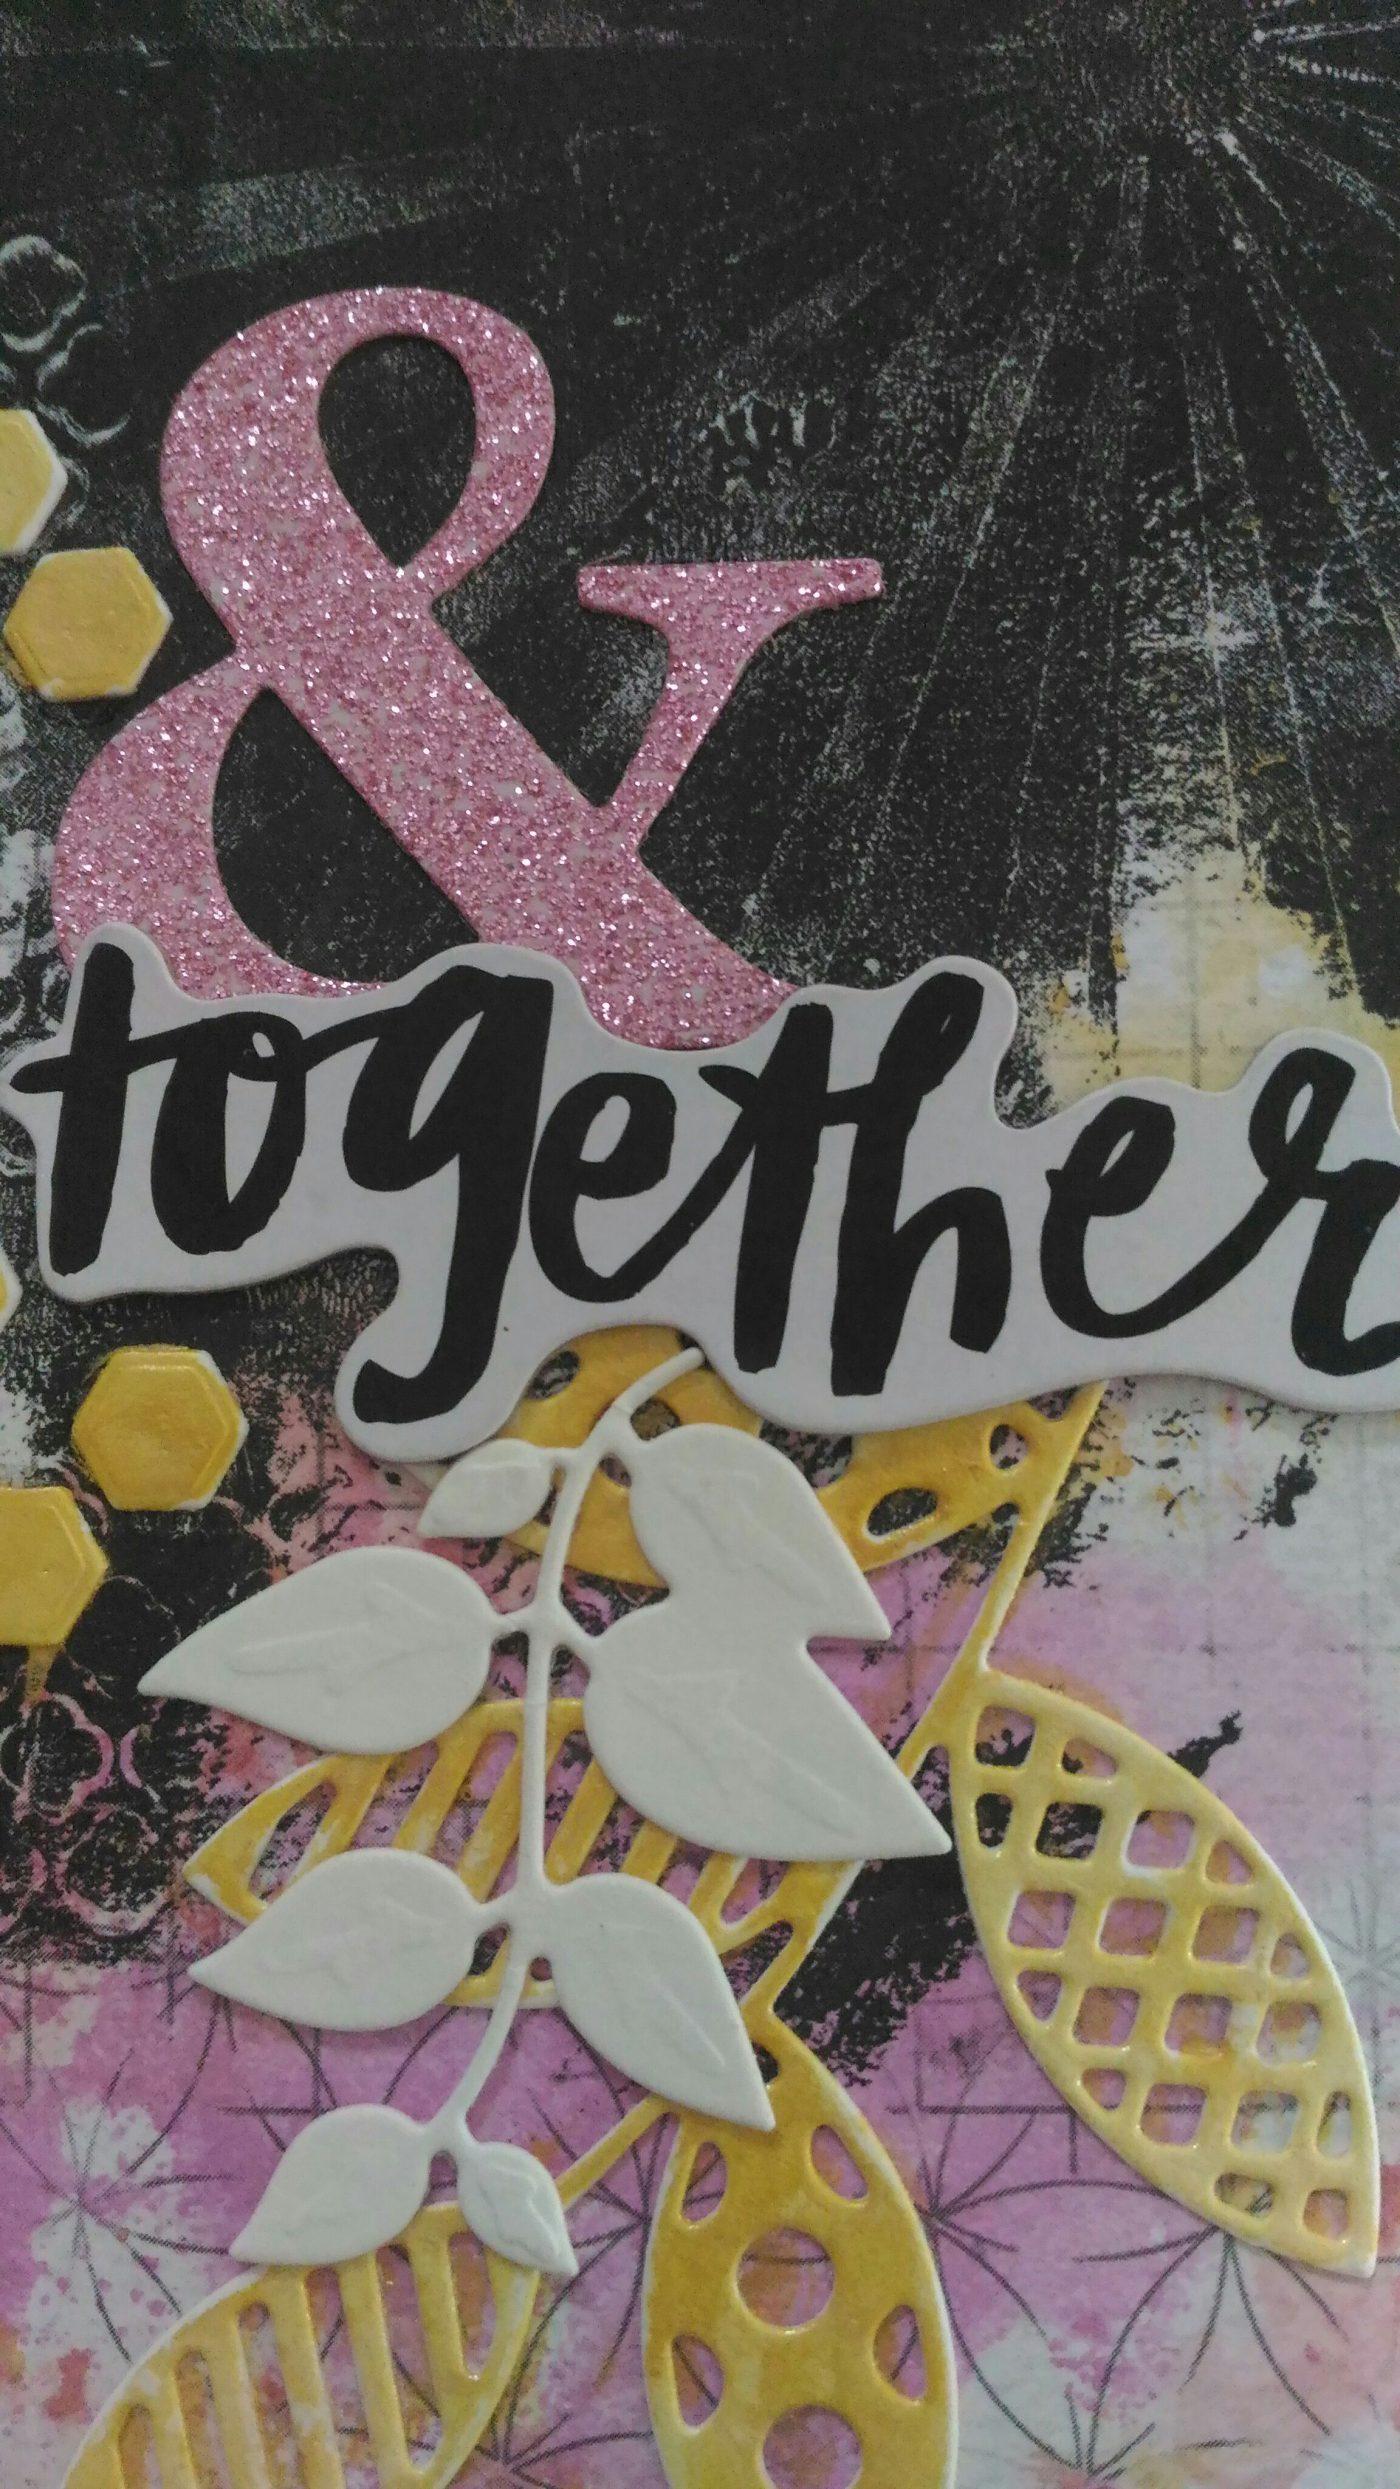 & together...